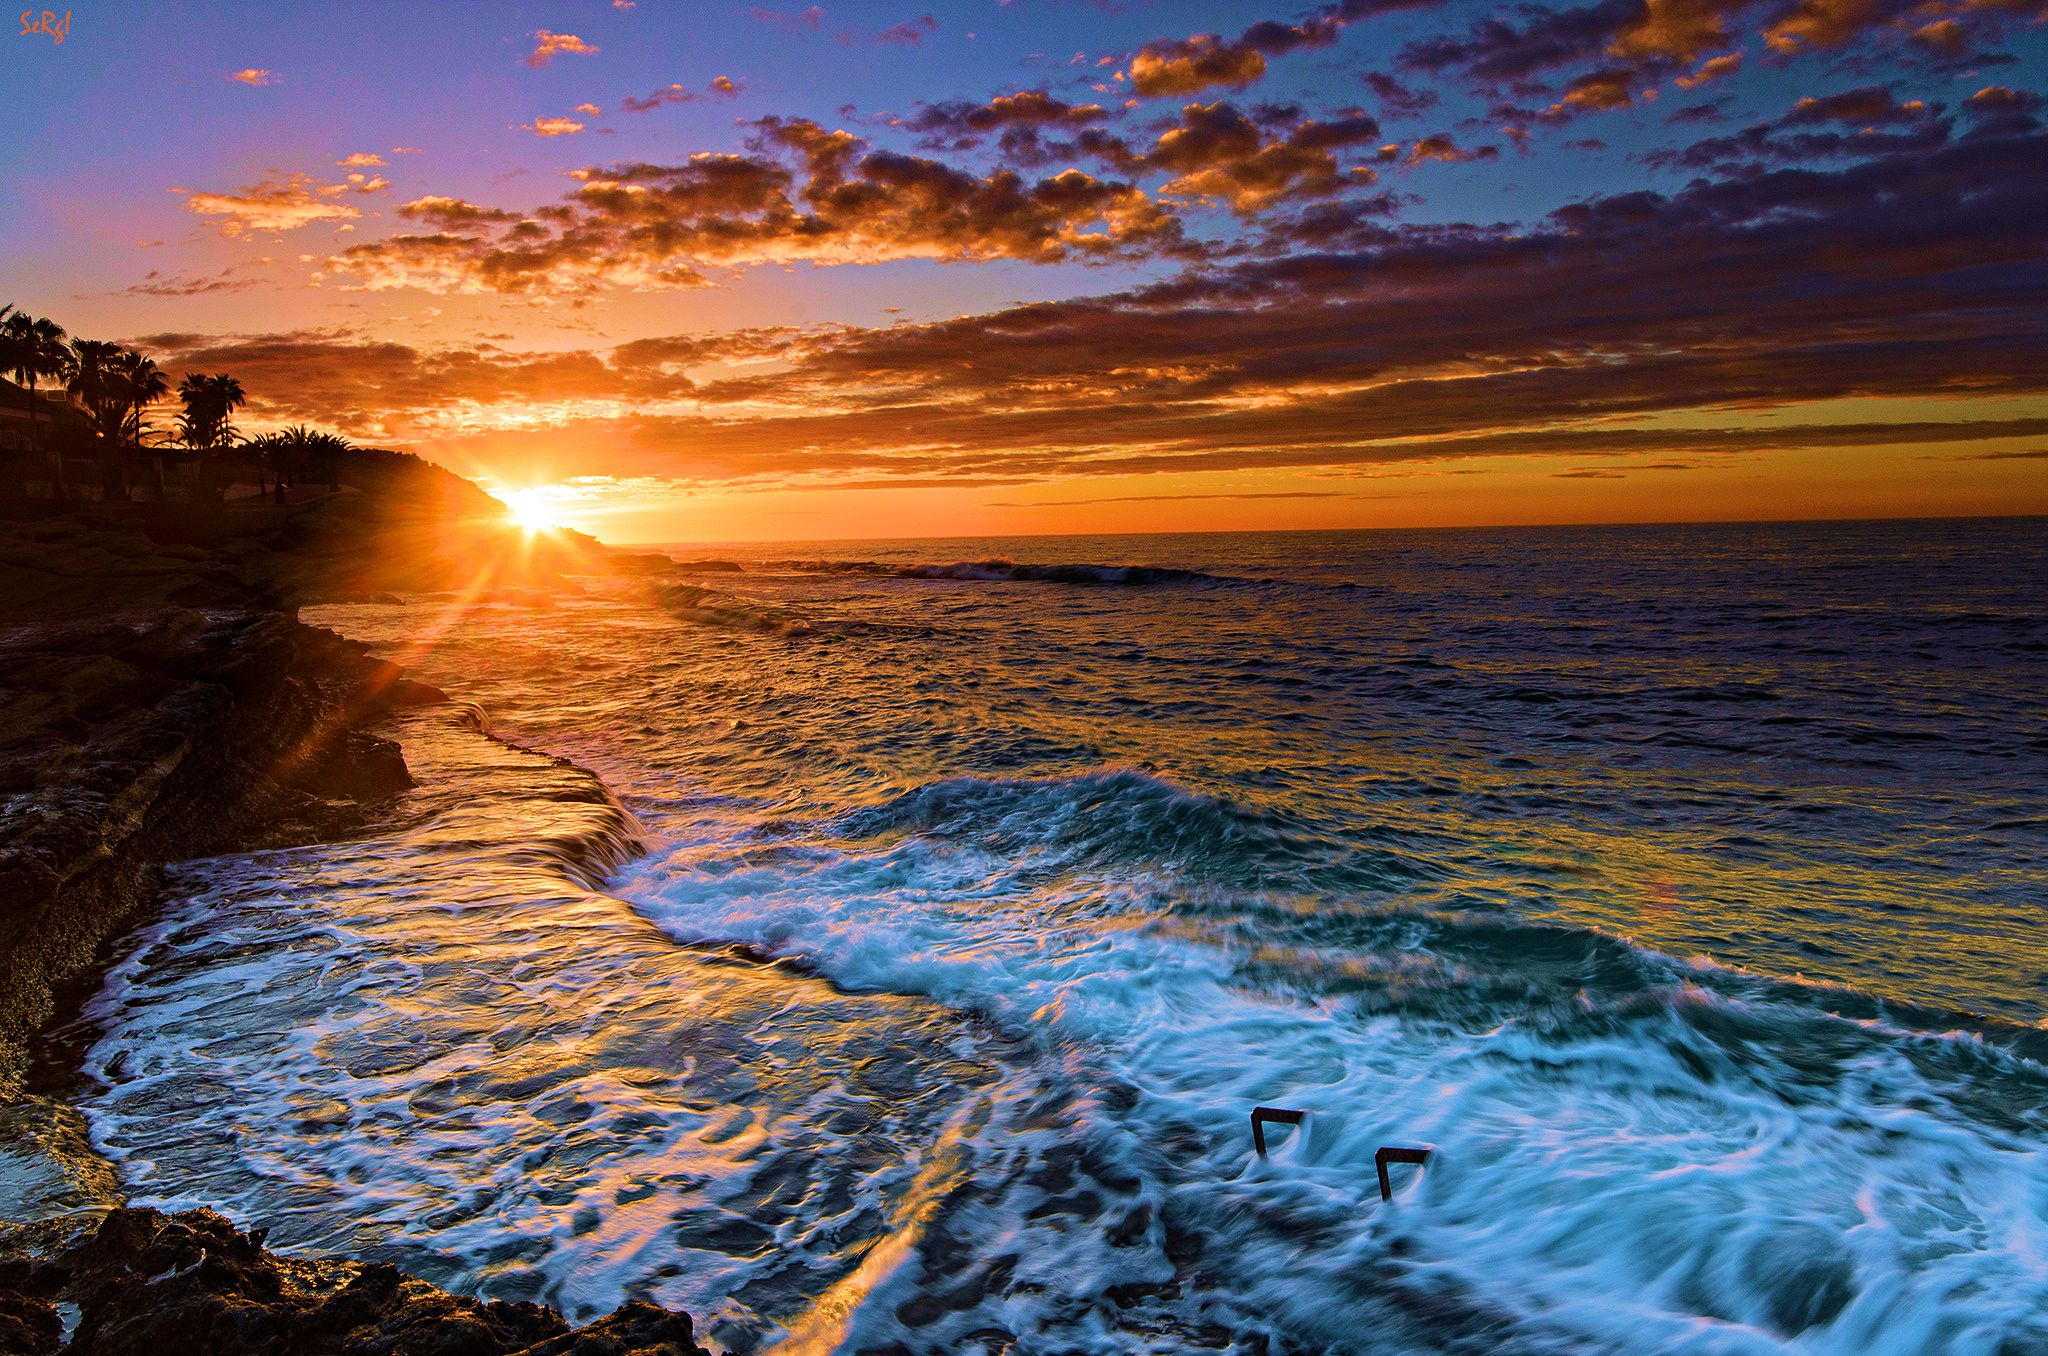 Download Sunset Beaches Backgrounds Wallpapercraft 2048x1356